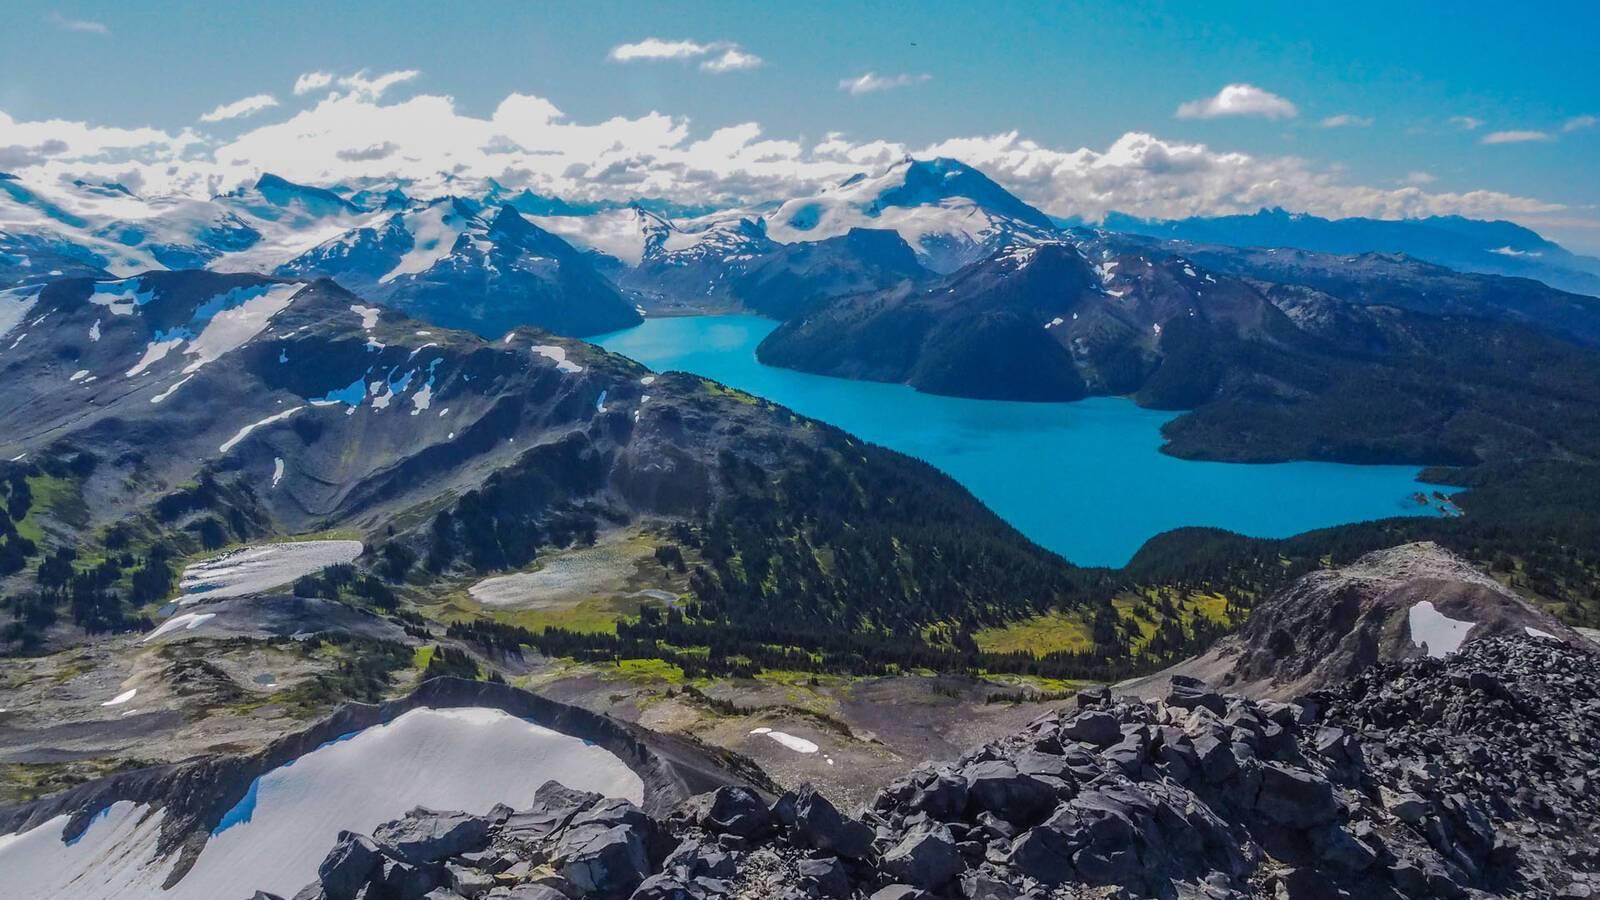 Garibaldi Lake lesly derksen